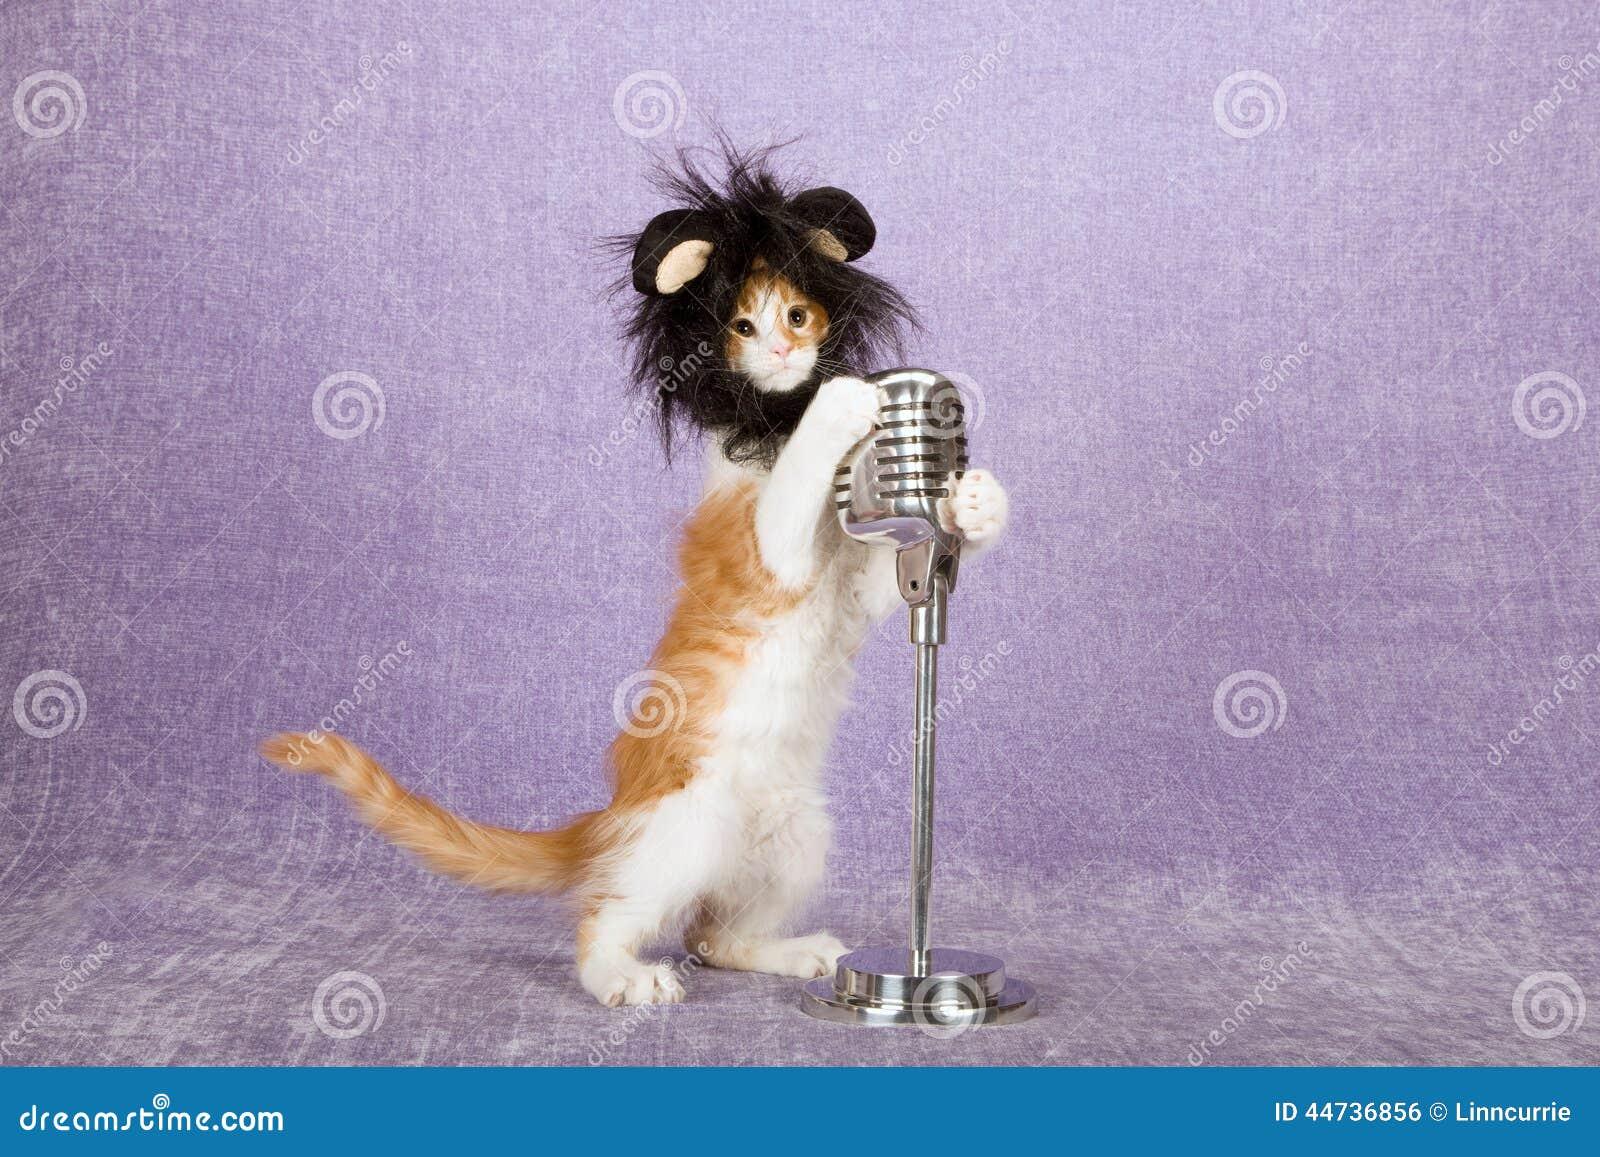 戴着与大耳朵的可笑滑稽的小猫黑毛茸的动物假发保持葡萄酒在立场的伪造品话筒